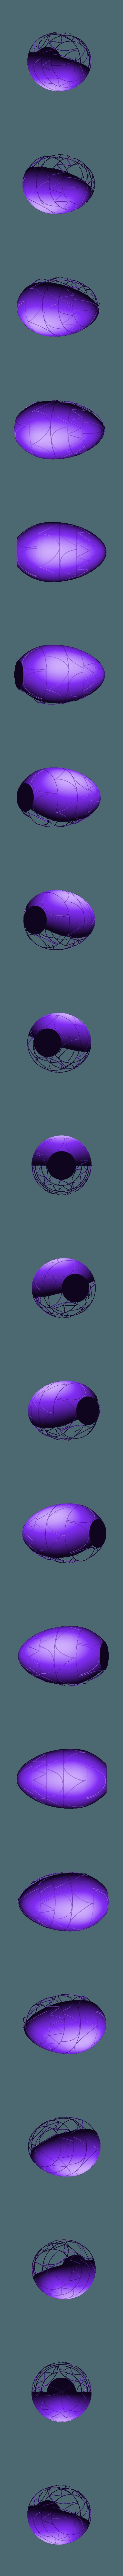 oeuf à peindre 14.stl Download STL file eggs to decorate 3dgregor • 3D printer model, 3dgregor